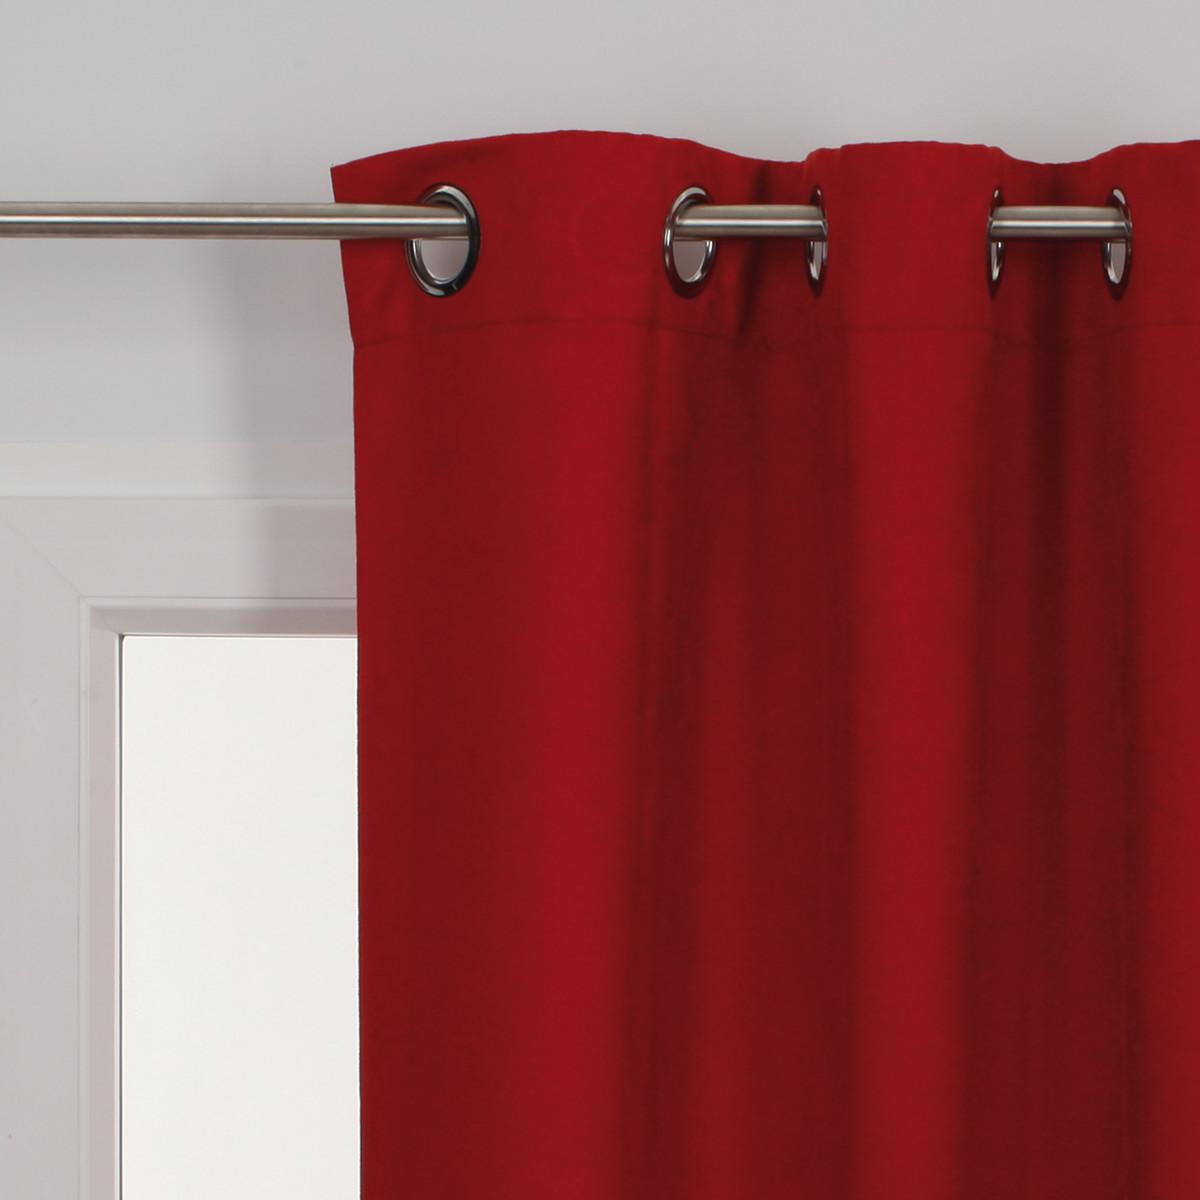 Tendina a vetro per finestra vichy rosso 60 x 140 cm: prezzi e ...